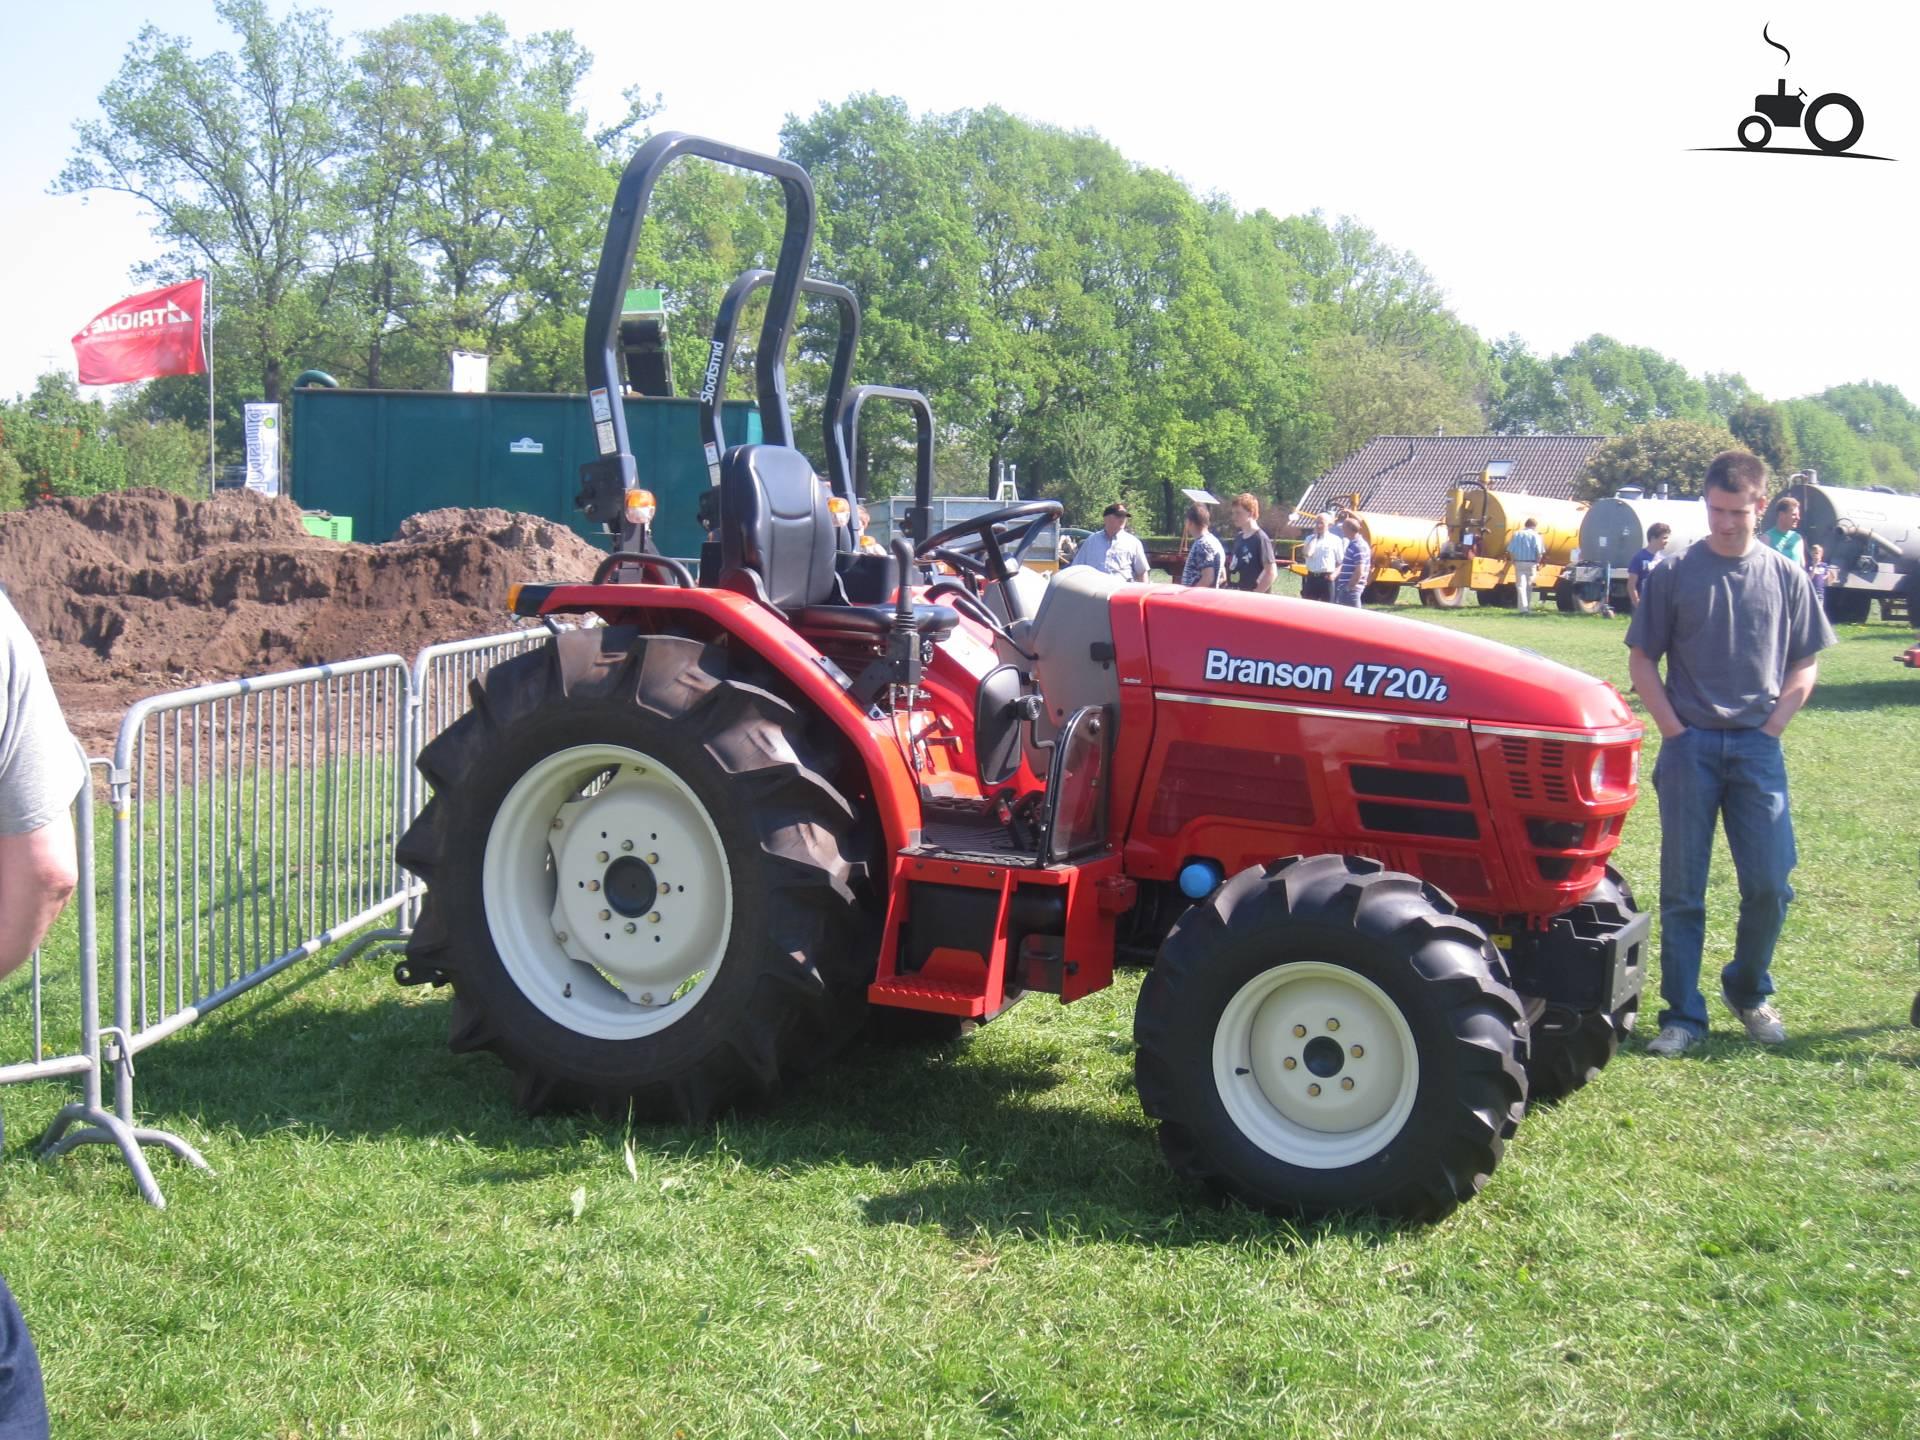 Branson 4520r Farm Tractor | Branson Farm Tractors: Branson